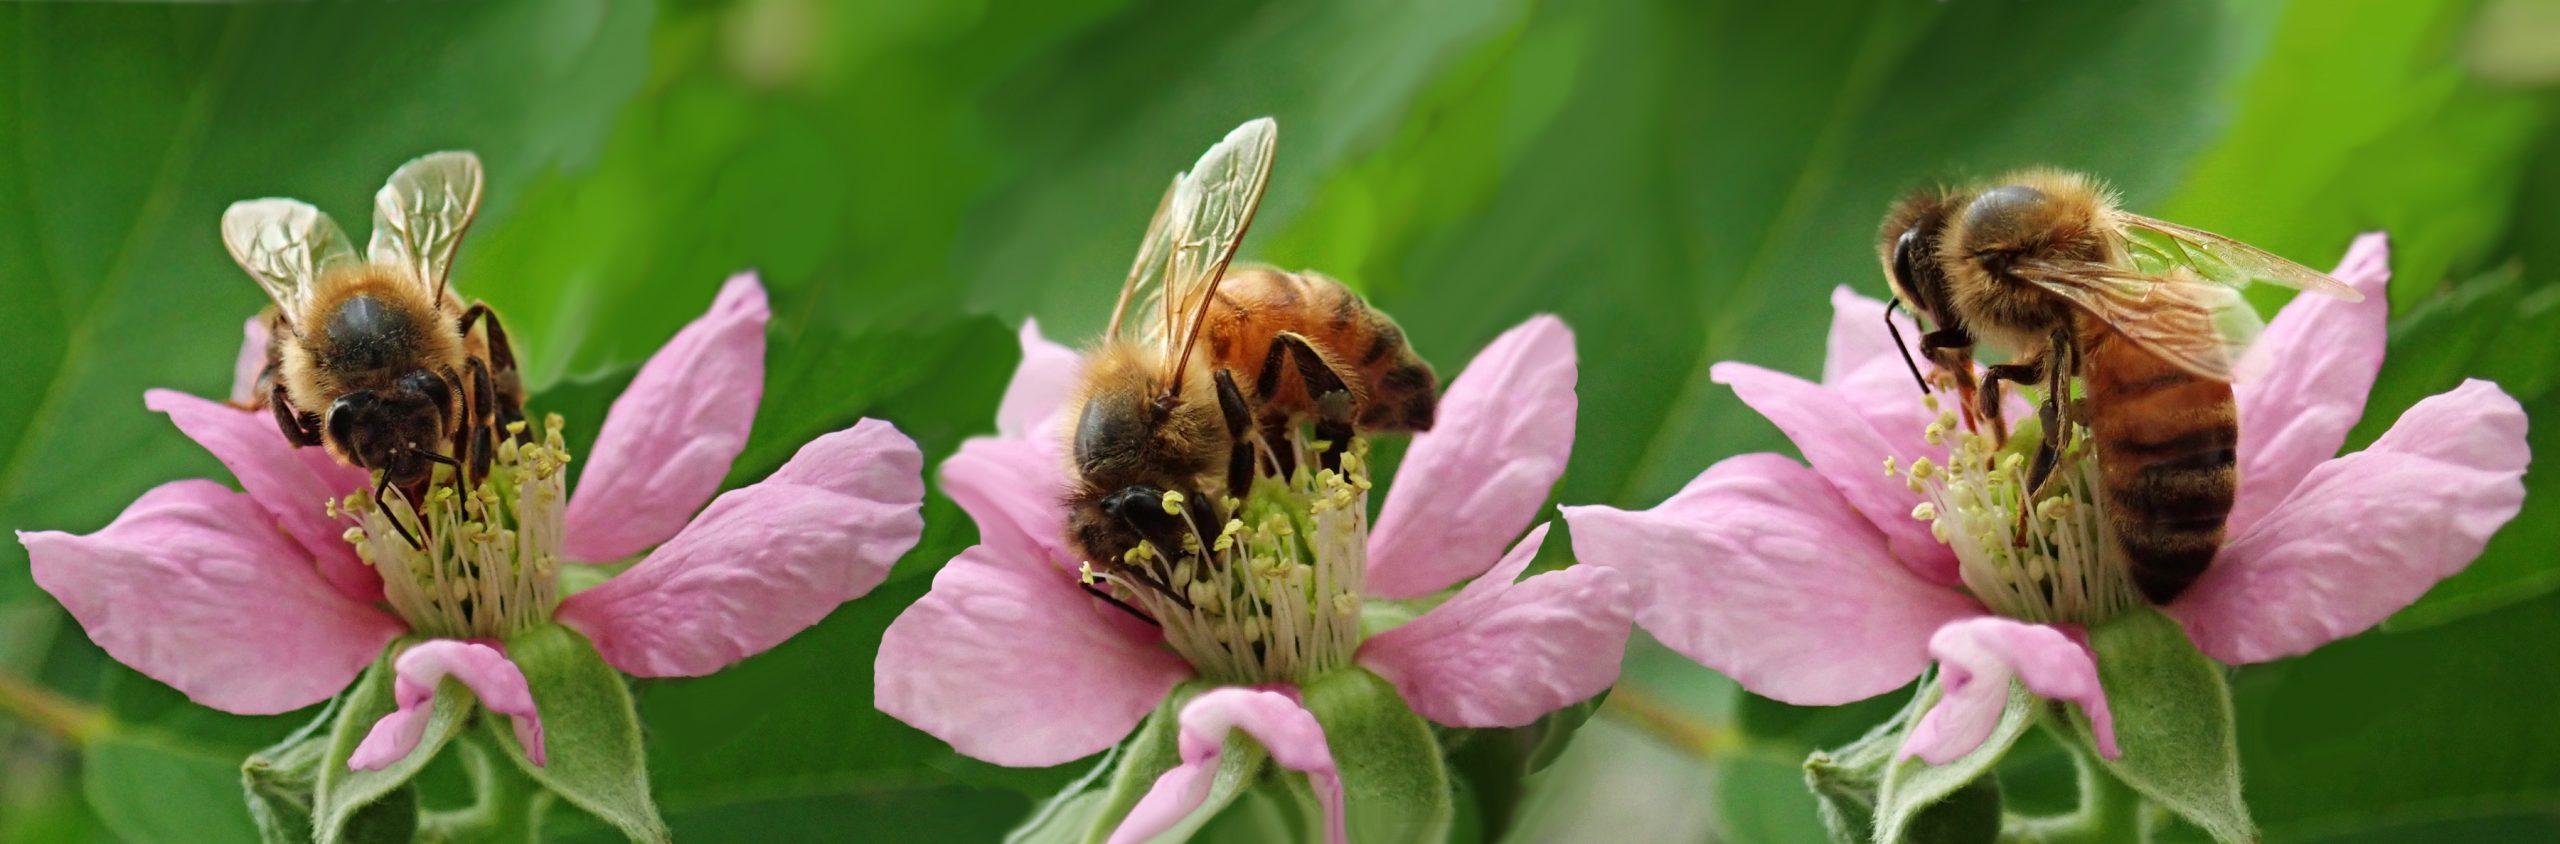 Honigbienen auf Brombeerblüten